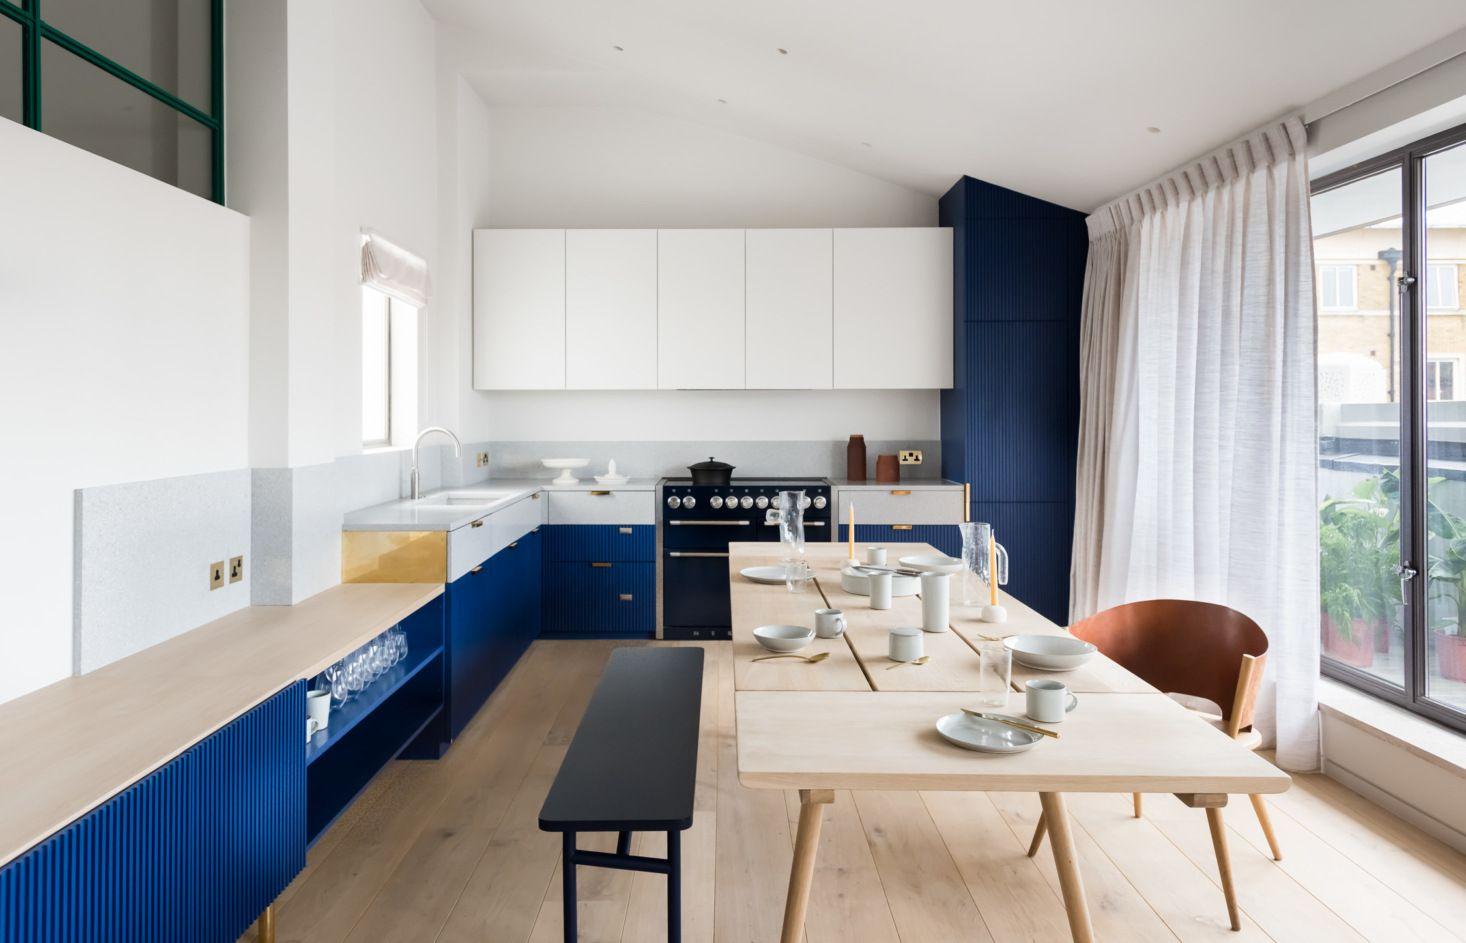 Dise o de interiores de departamentos minimalistas y for Diseno interior departamento